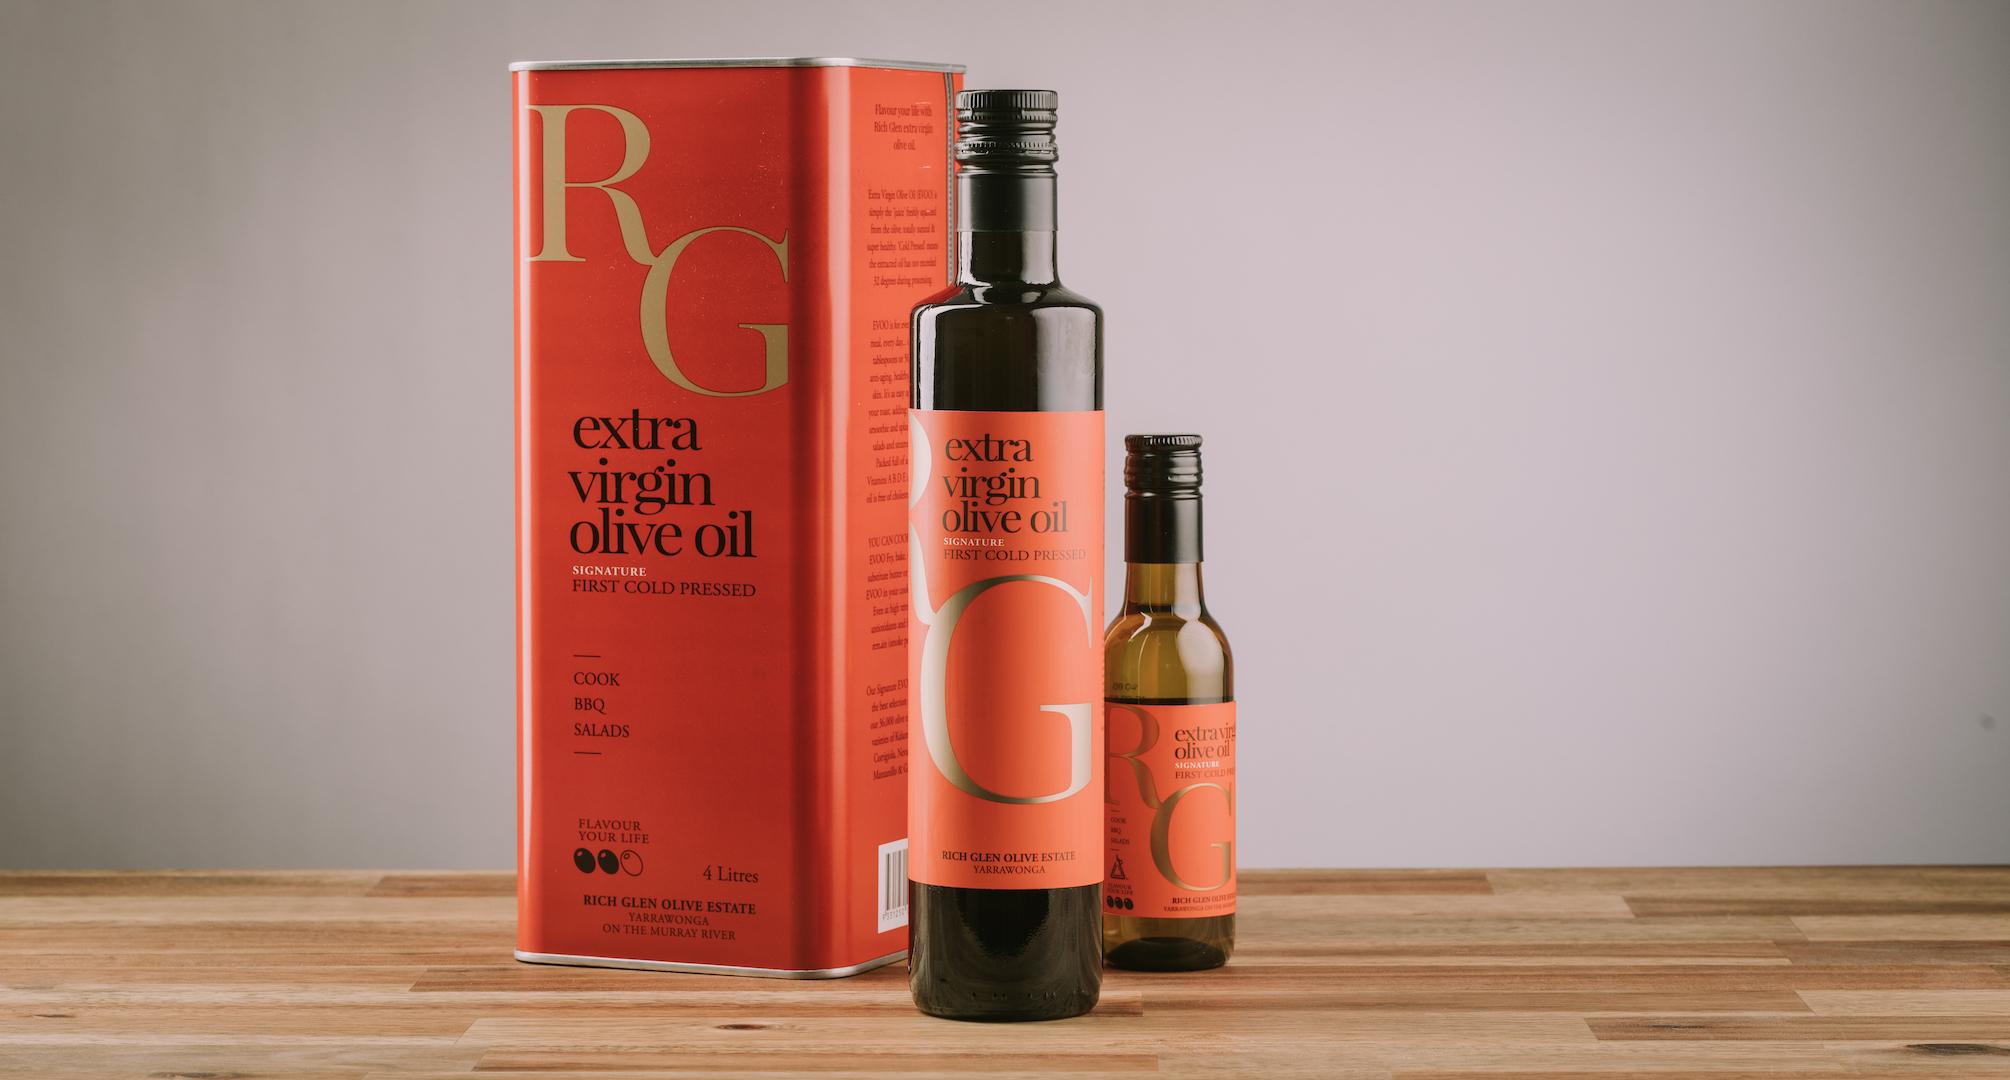 Richglen Olive Oil